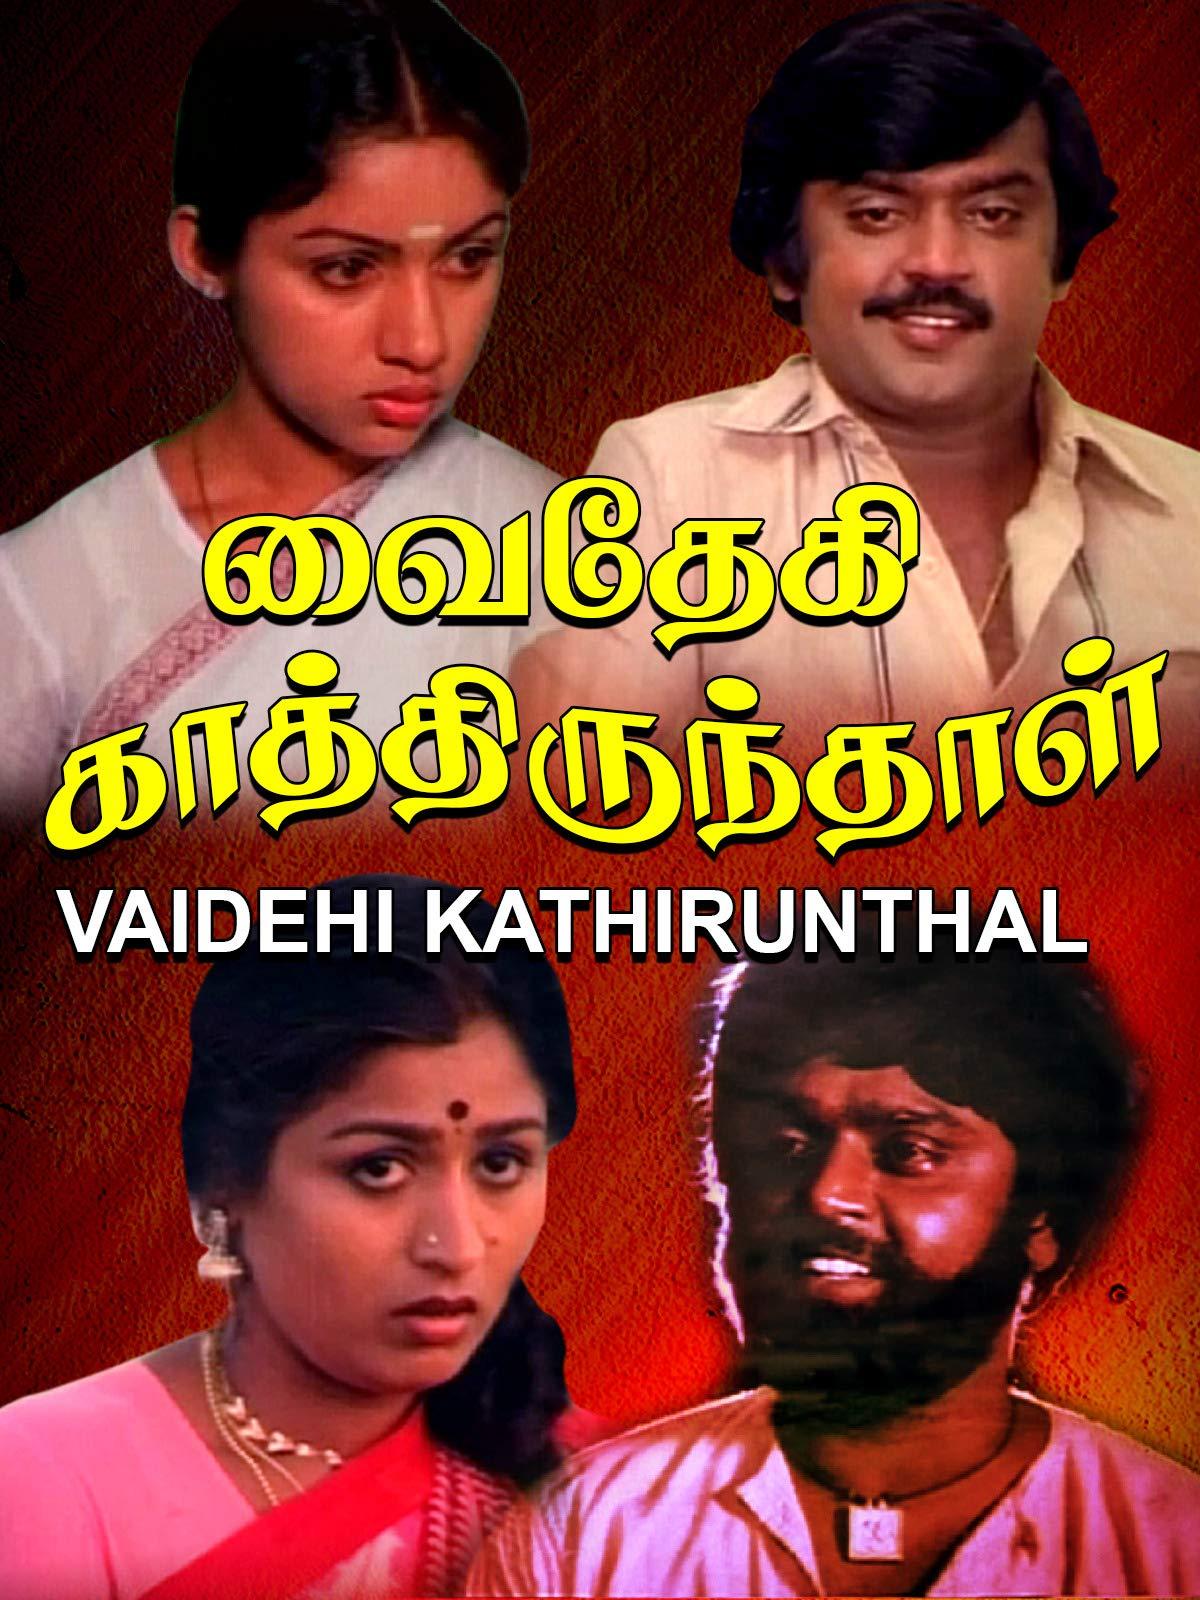 Vaidehi Kathirunthal